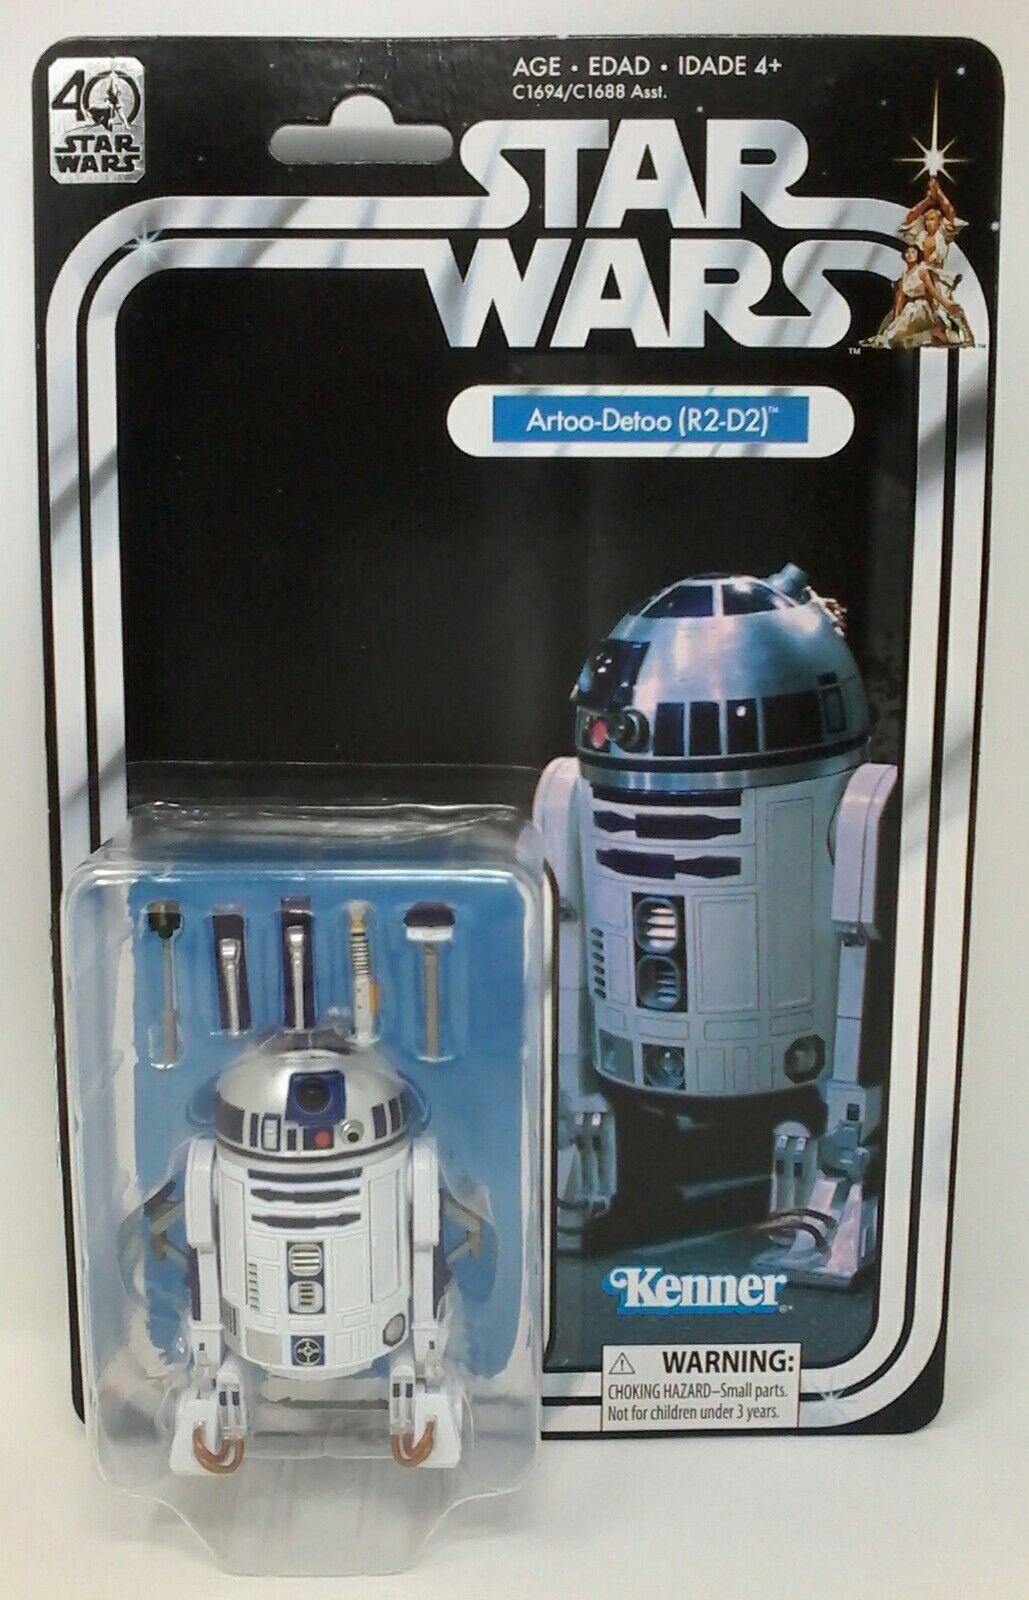 Kenner  estrella guerras 40th Anniversary Artoo-Detoo (R2-D2) cifra  buona qualità